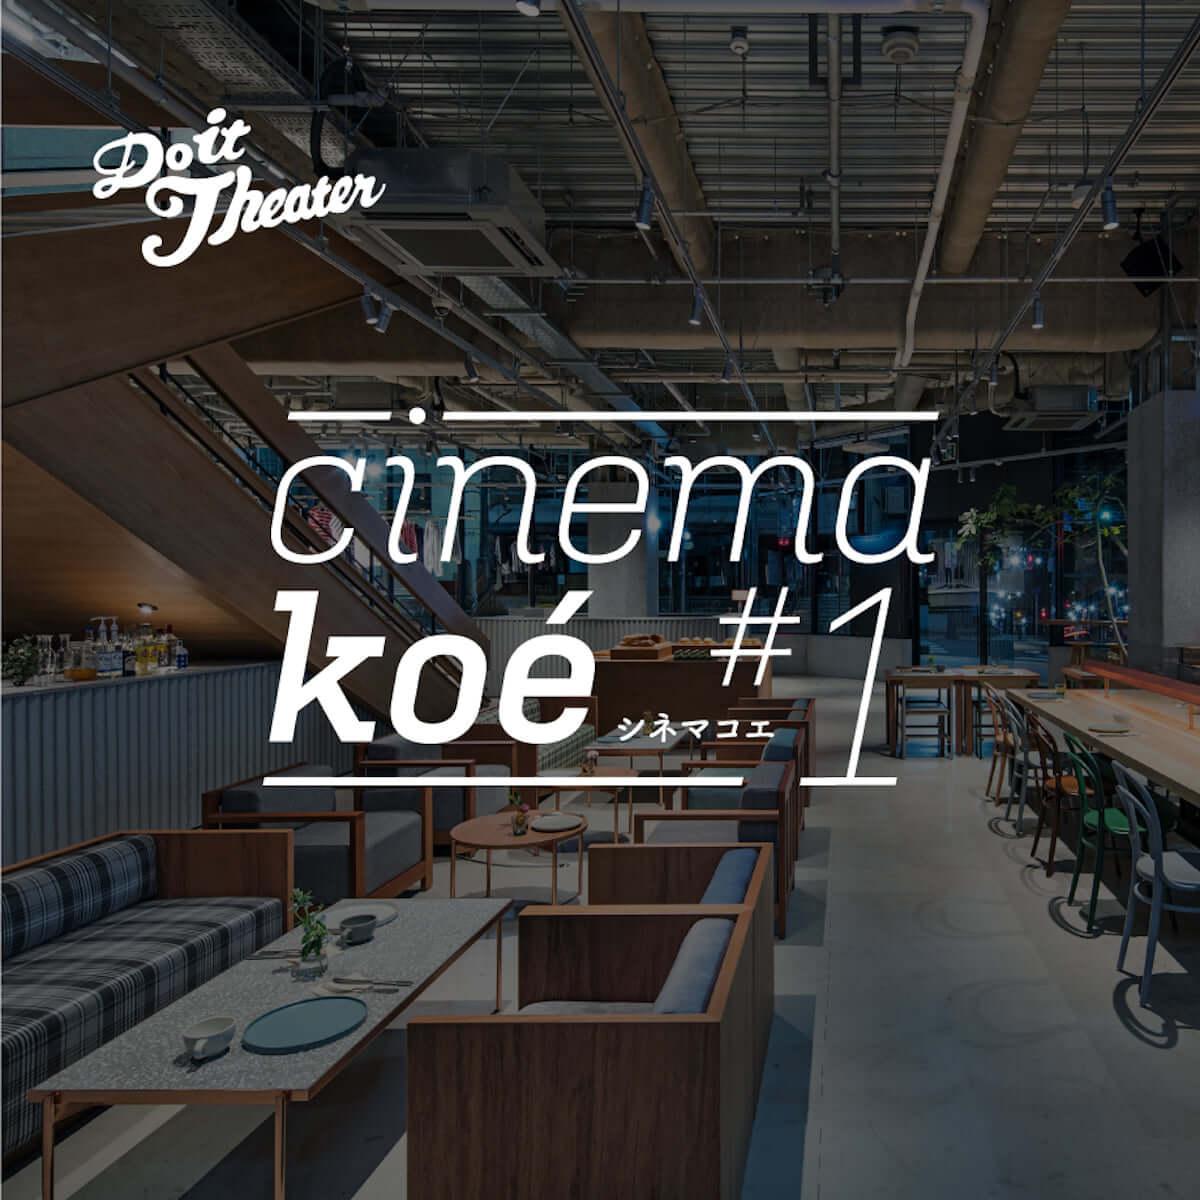 渋谷を再び映画の街へ。新しいスタイルのシアターを提案する「cinema koe」が第一回が開催、映画のセレクターはコムアイ film181216-cinema-koe-1-1200x1200